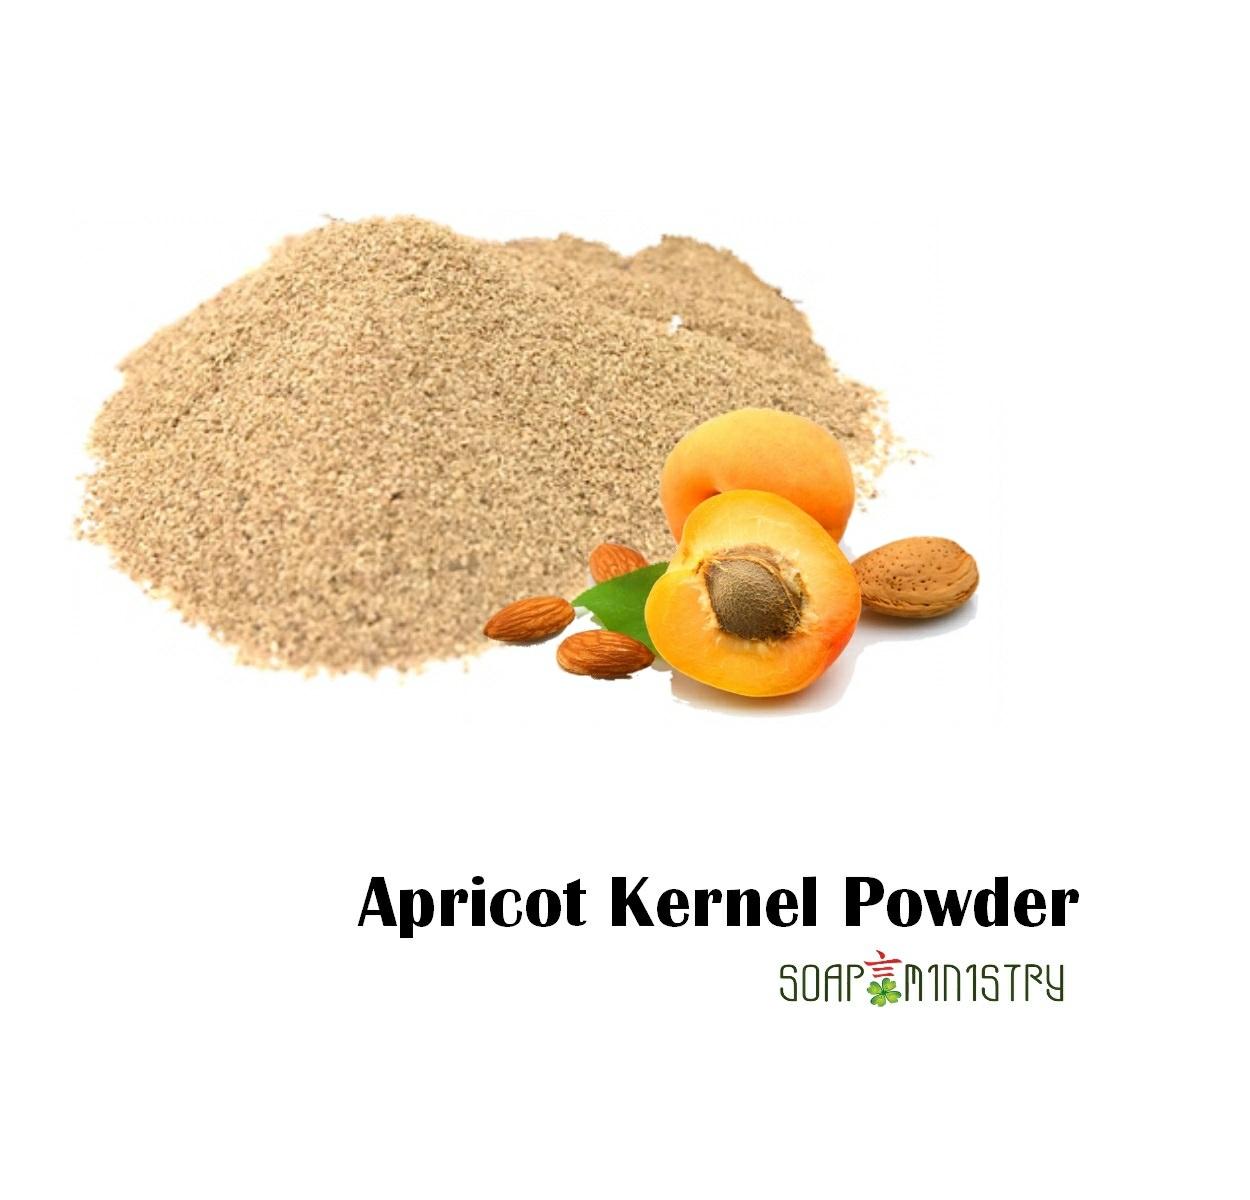 Apricot Kernel Powder 50g